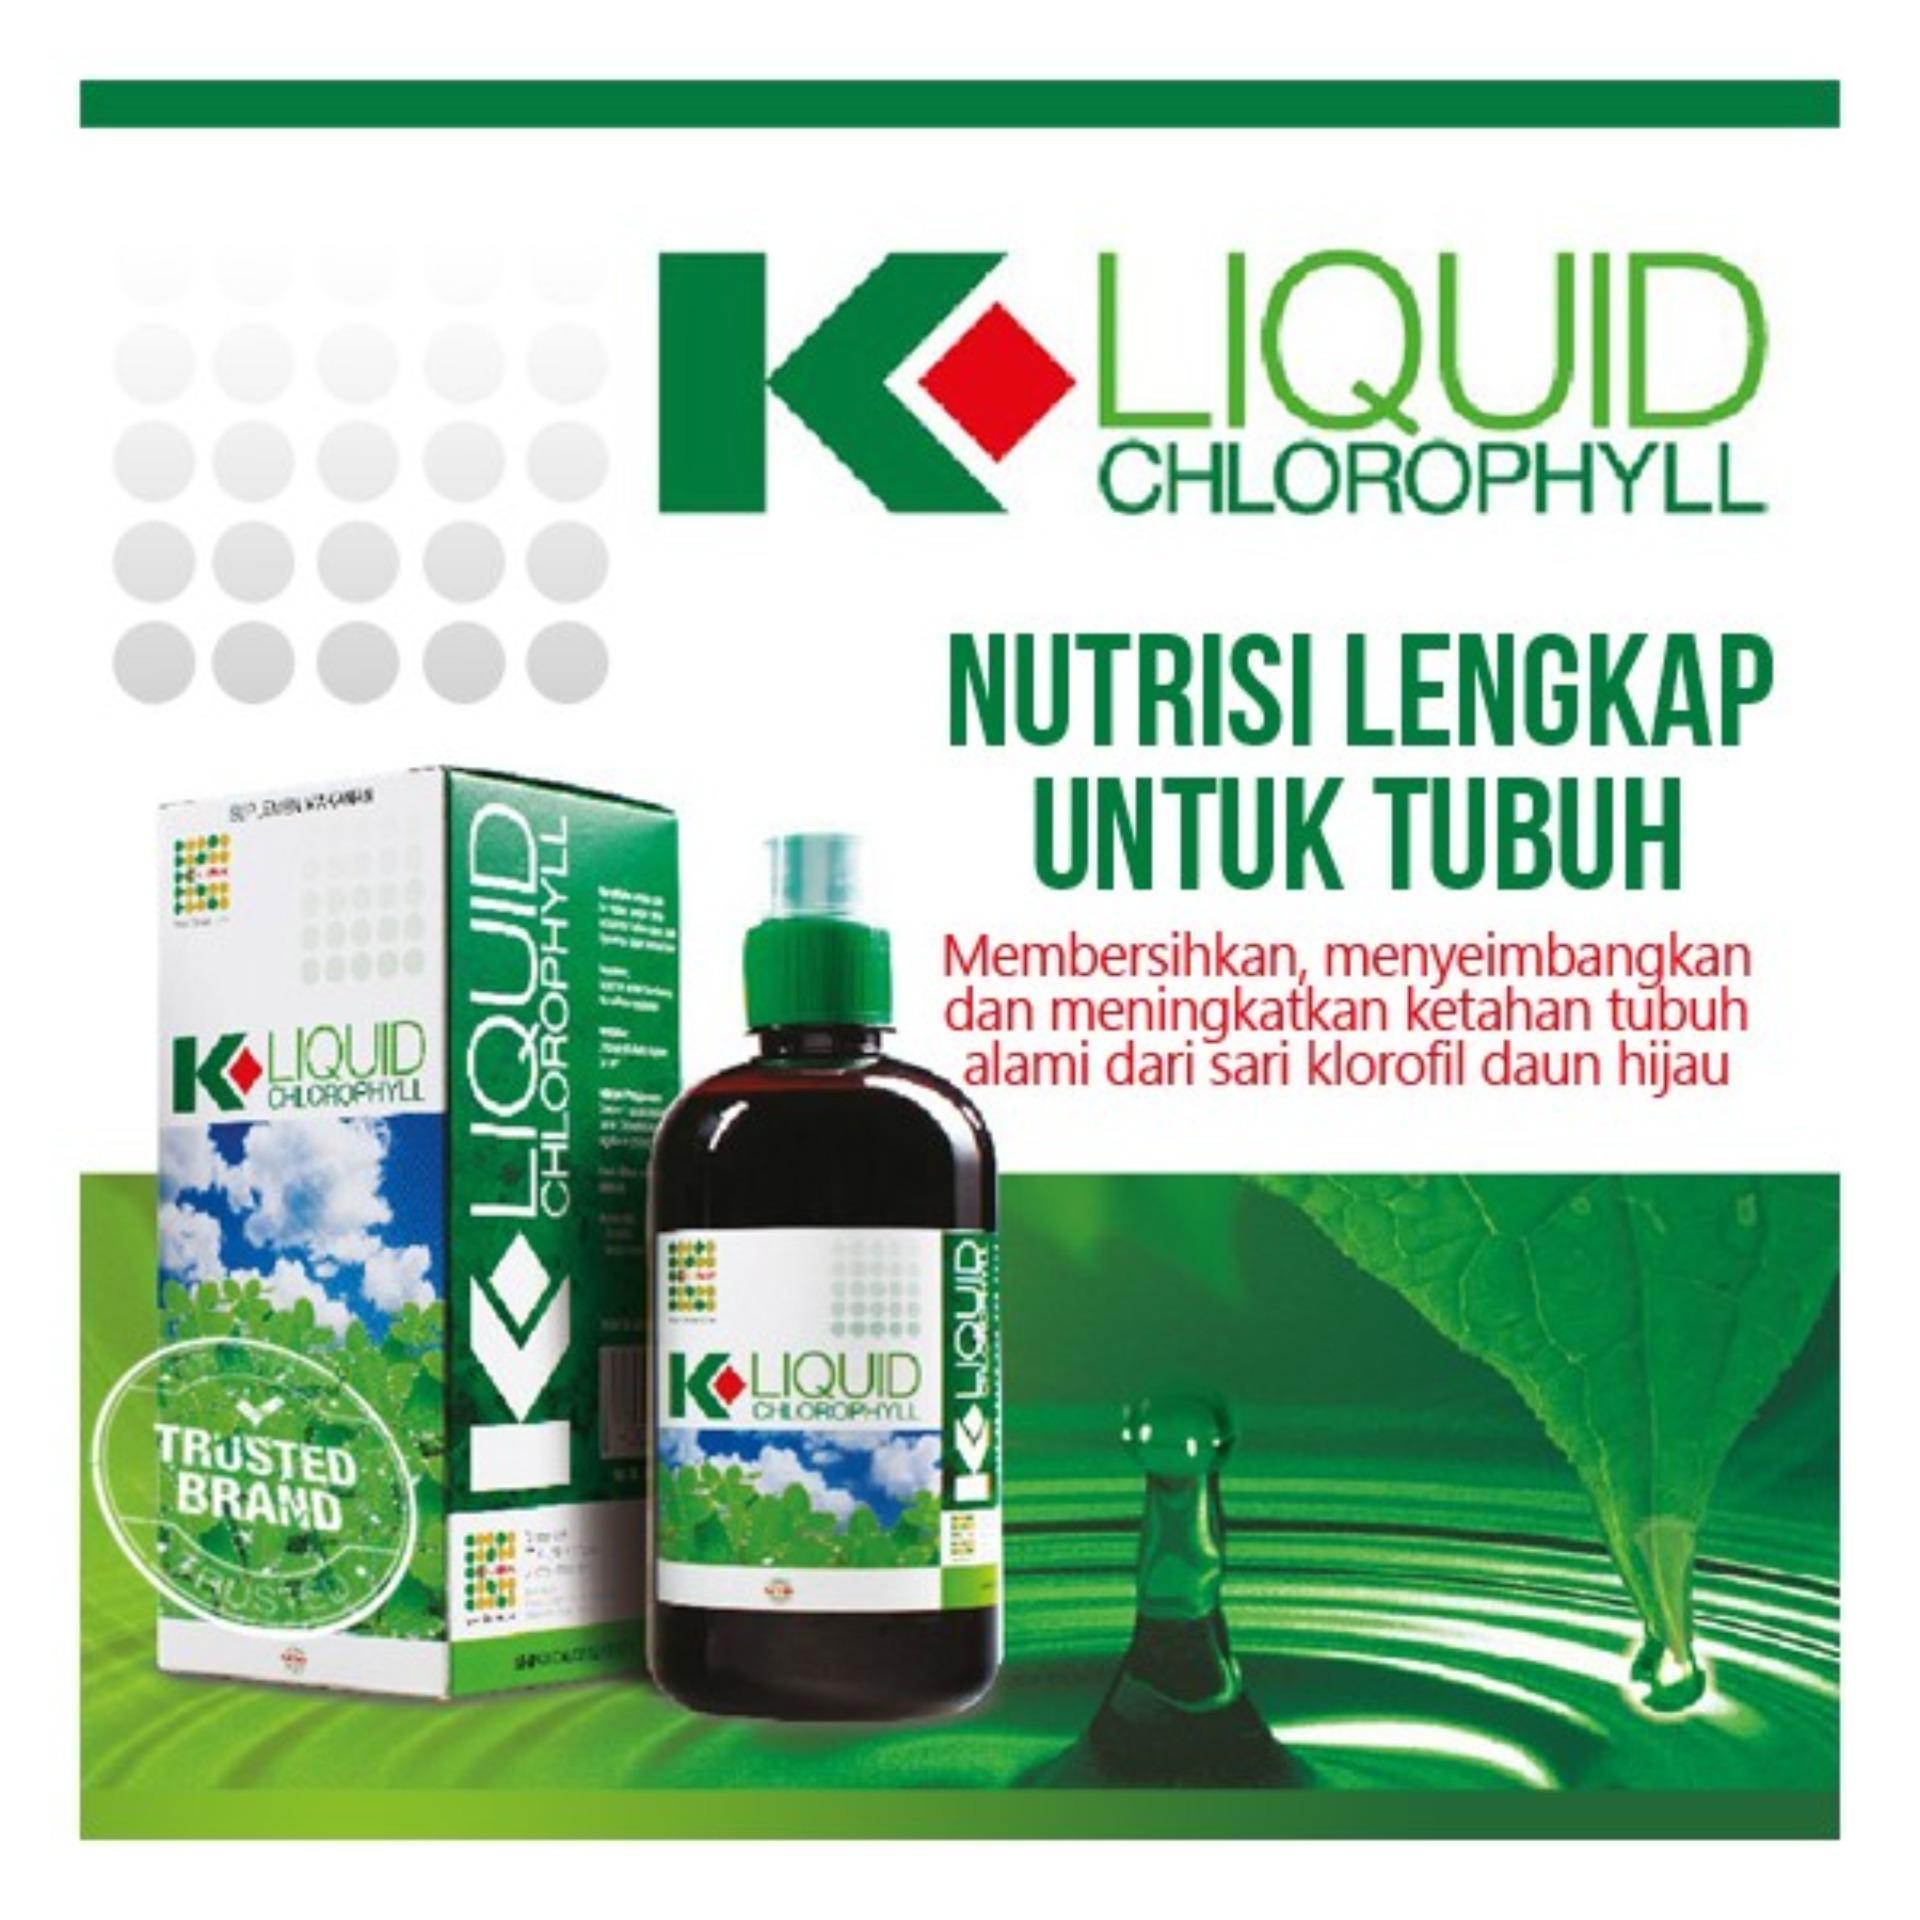 Update Harga Obat Herbal Klorofil Termurah Toko Online Indonesia Cmp Clorofil Mint Powder Klink Original